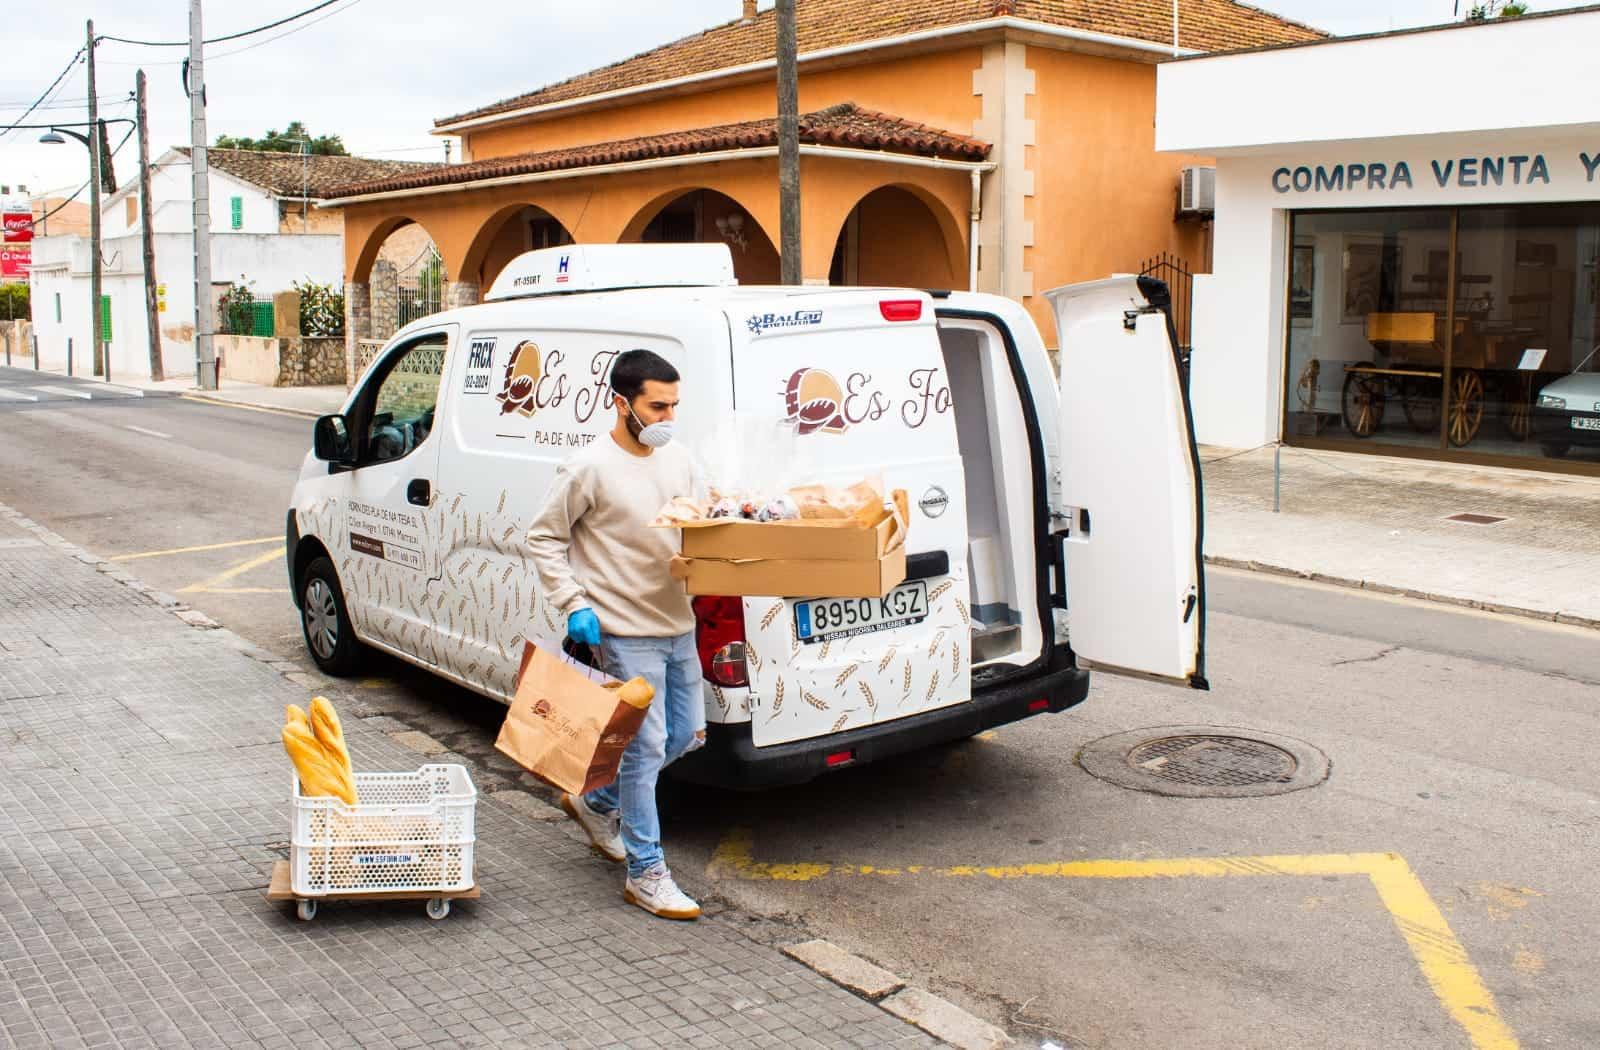 Servicio a domicilio: la oportunidad en plena crisis en Toledo 22